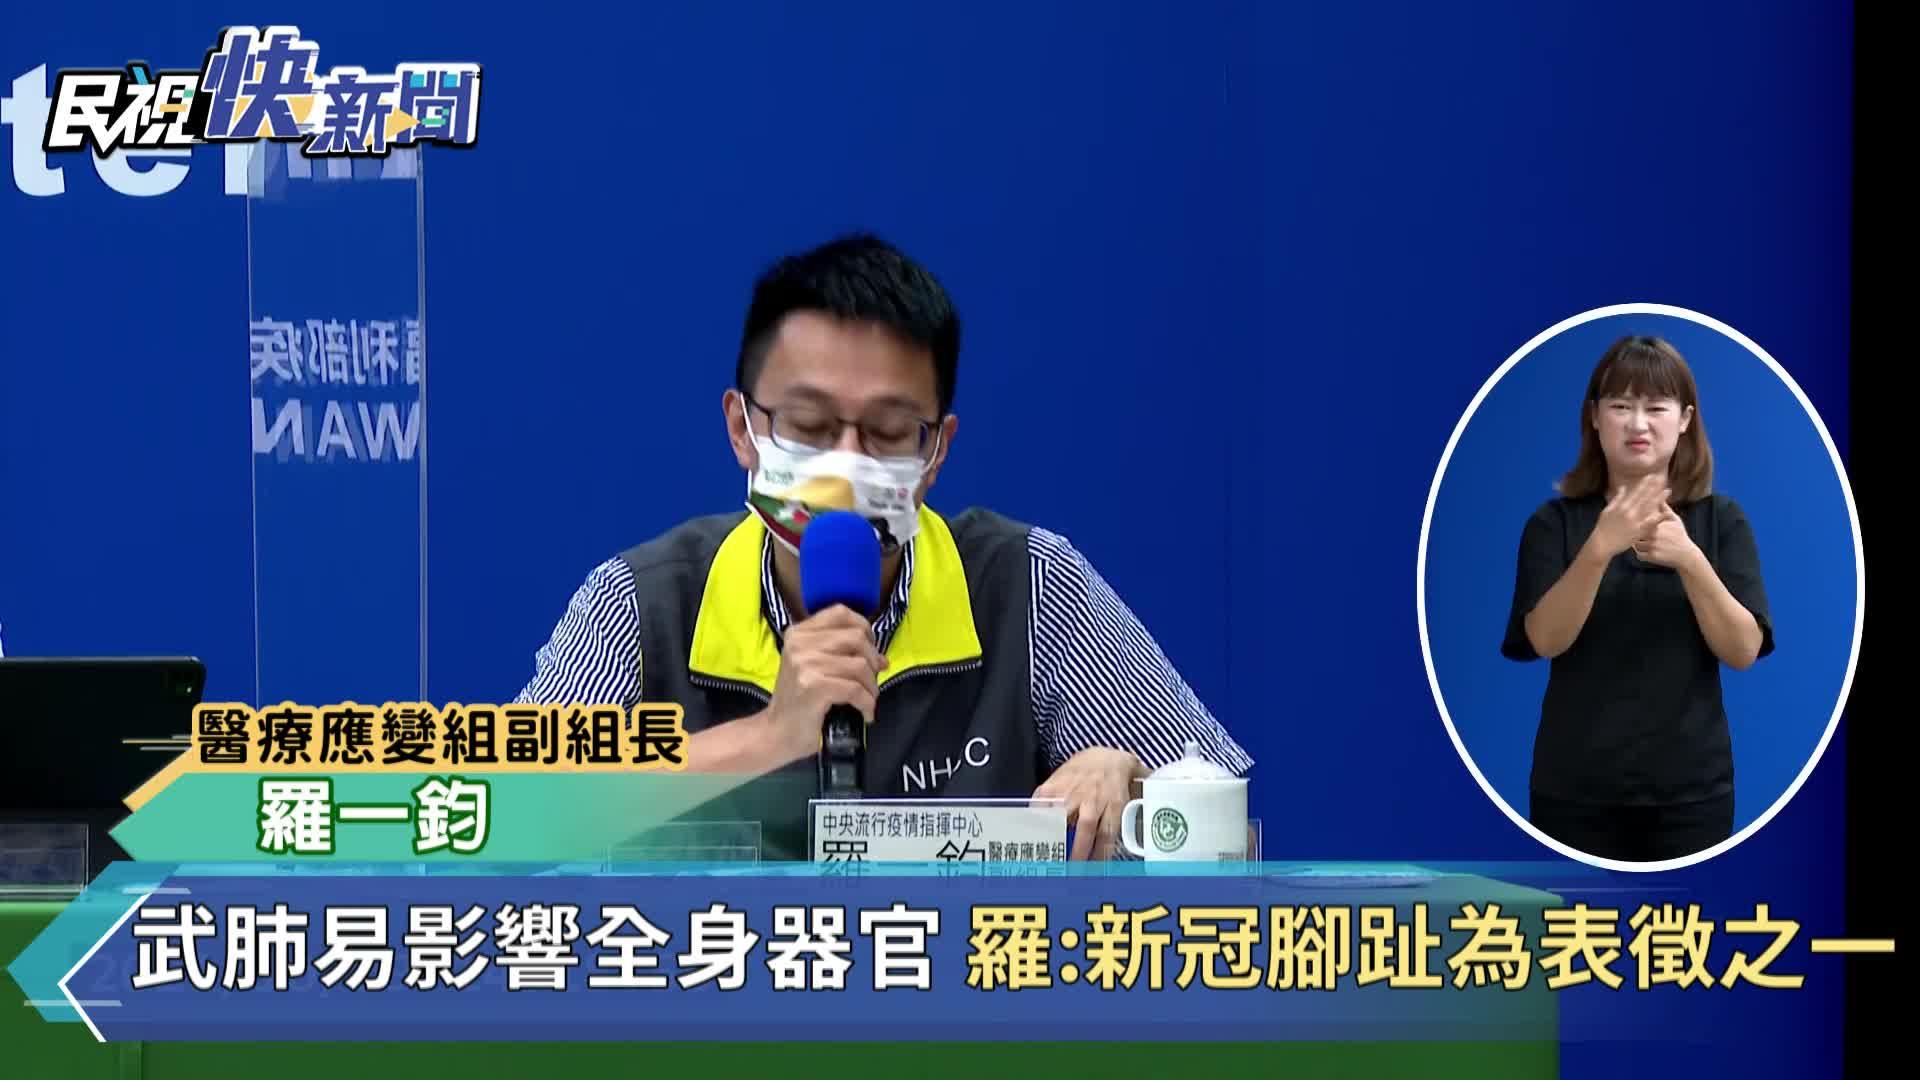 快新聞/武漢肺炎易影響全身各器官 羅一鈞:「新冠腳趾」為表徵之一